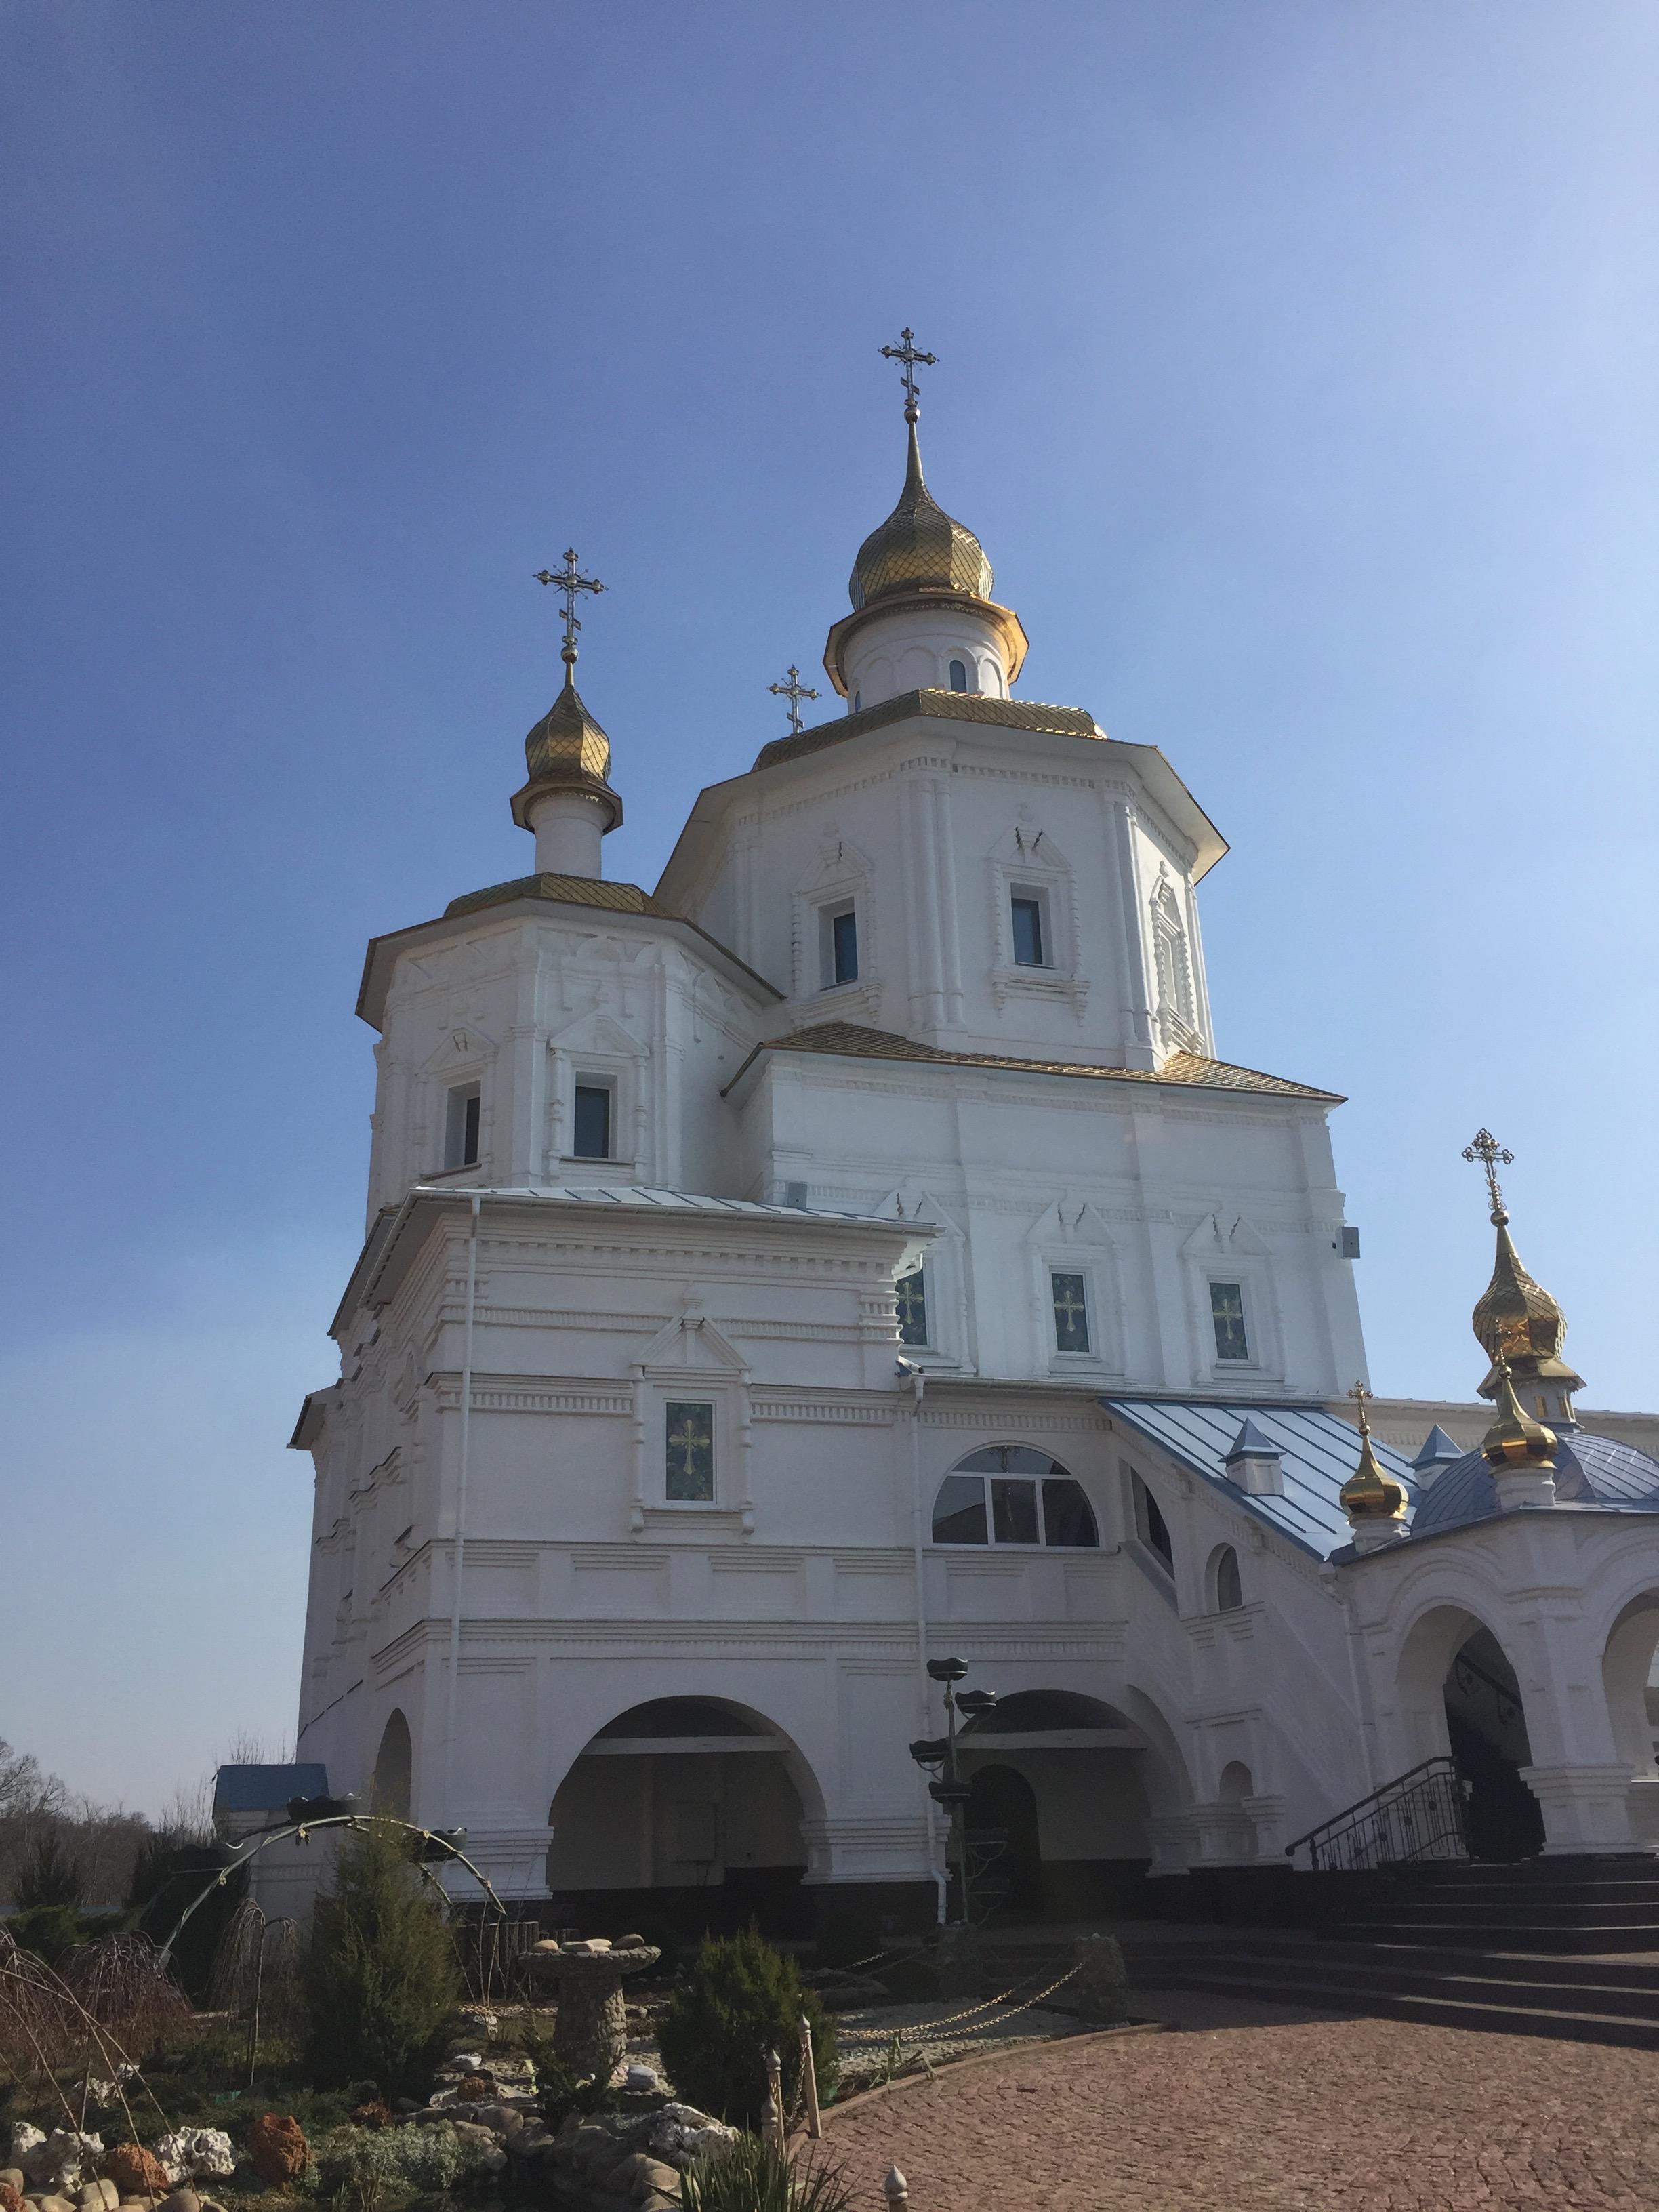 モルチェンスキー修道院内の教会